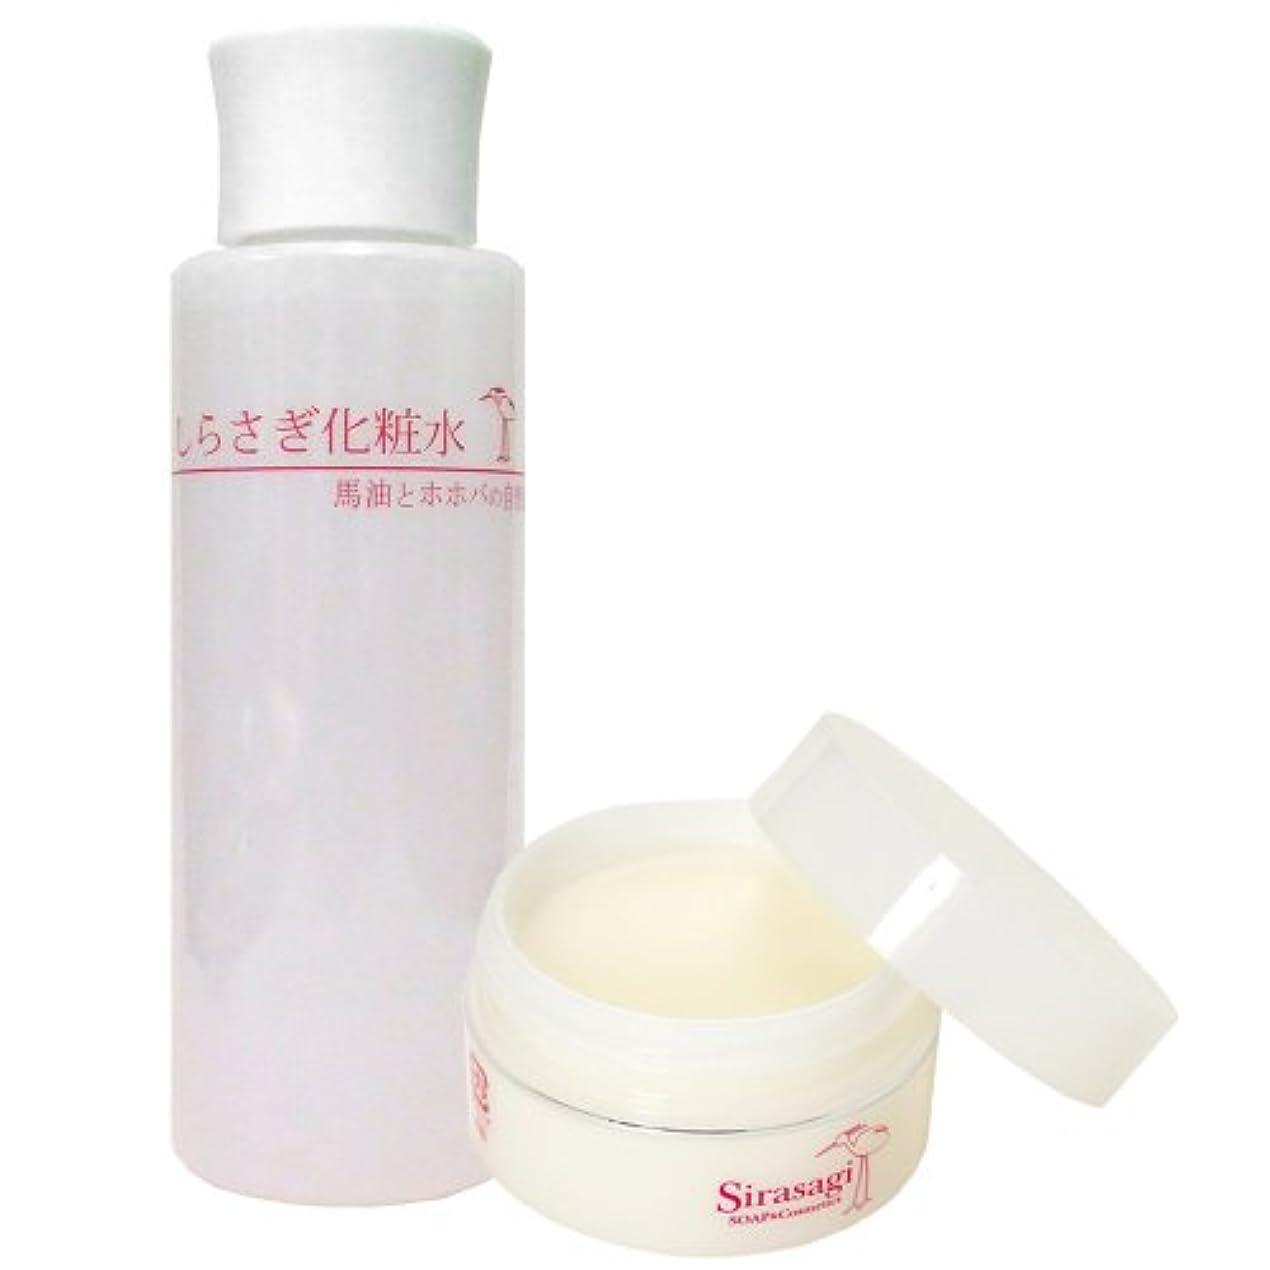 夜明け心理的に永遠のしらさぎクリーム(ラベンダーとローズウッドの香り)としらさぎ化粧水のセット